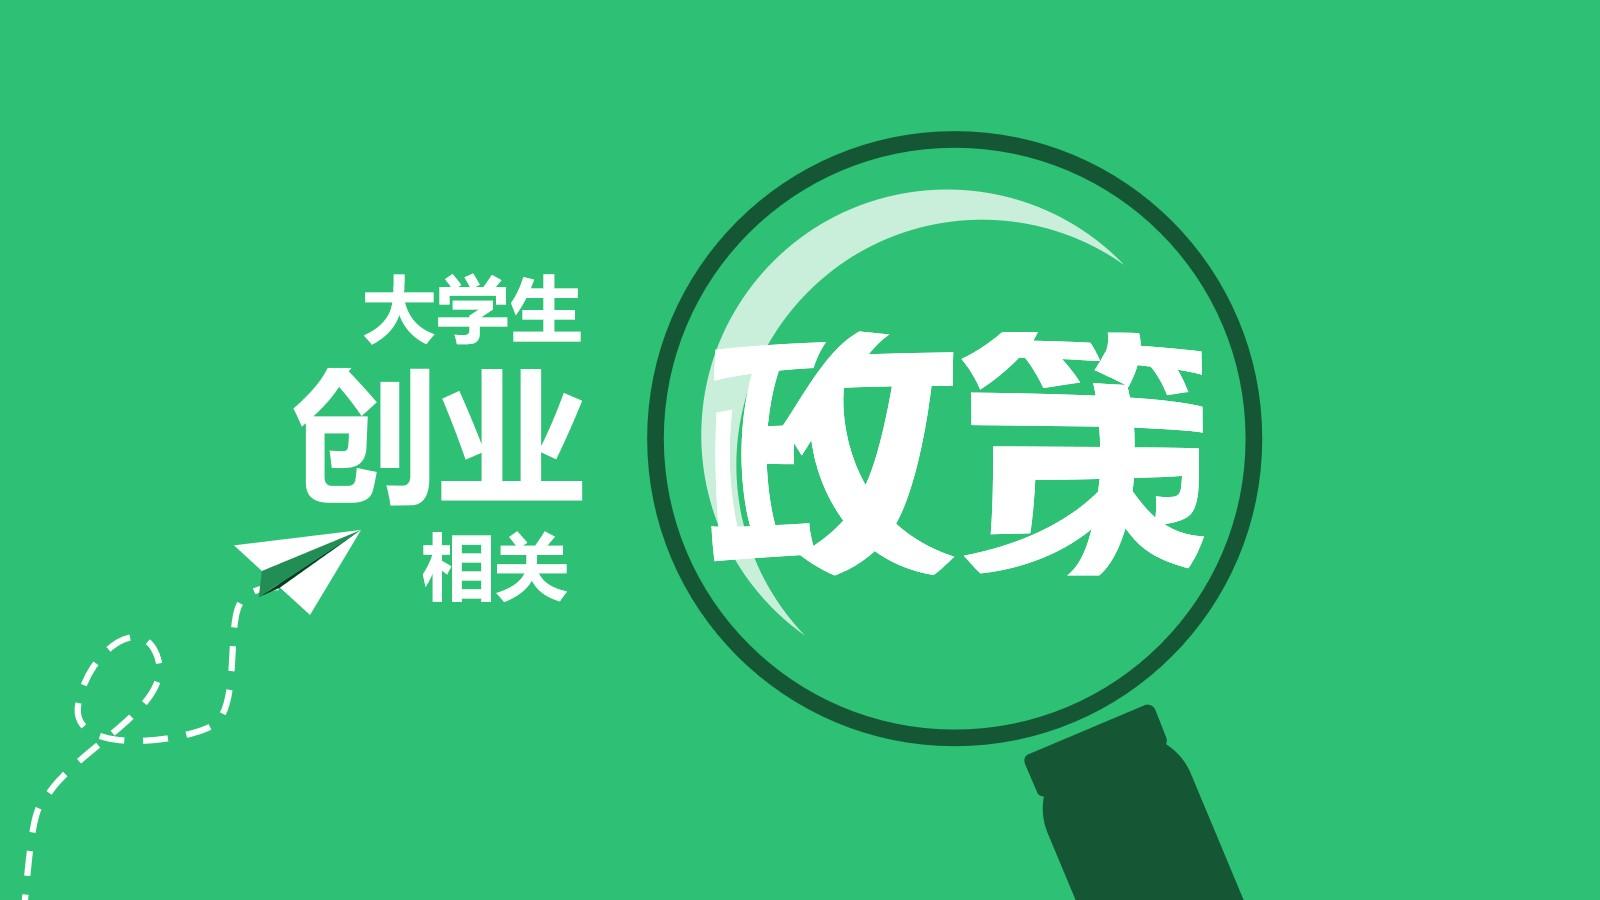 《大学生创业相关政策解读》PPT欣赏